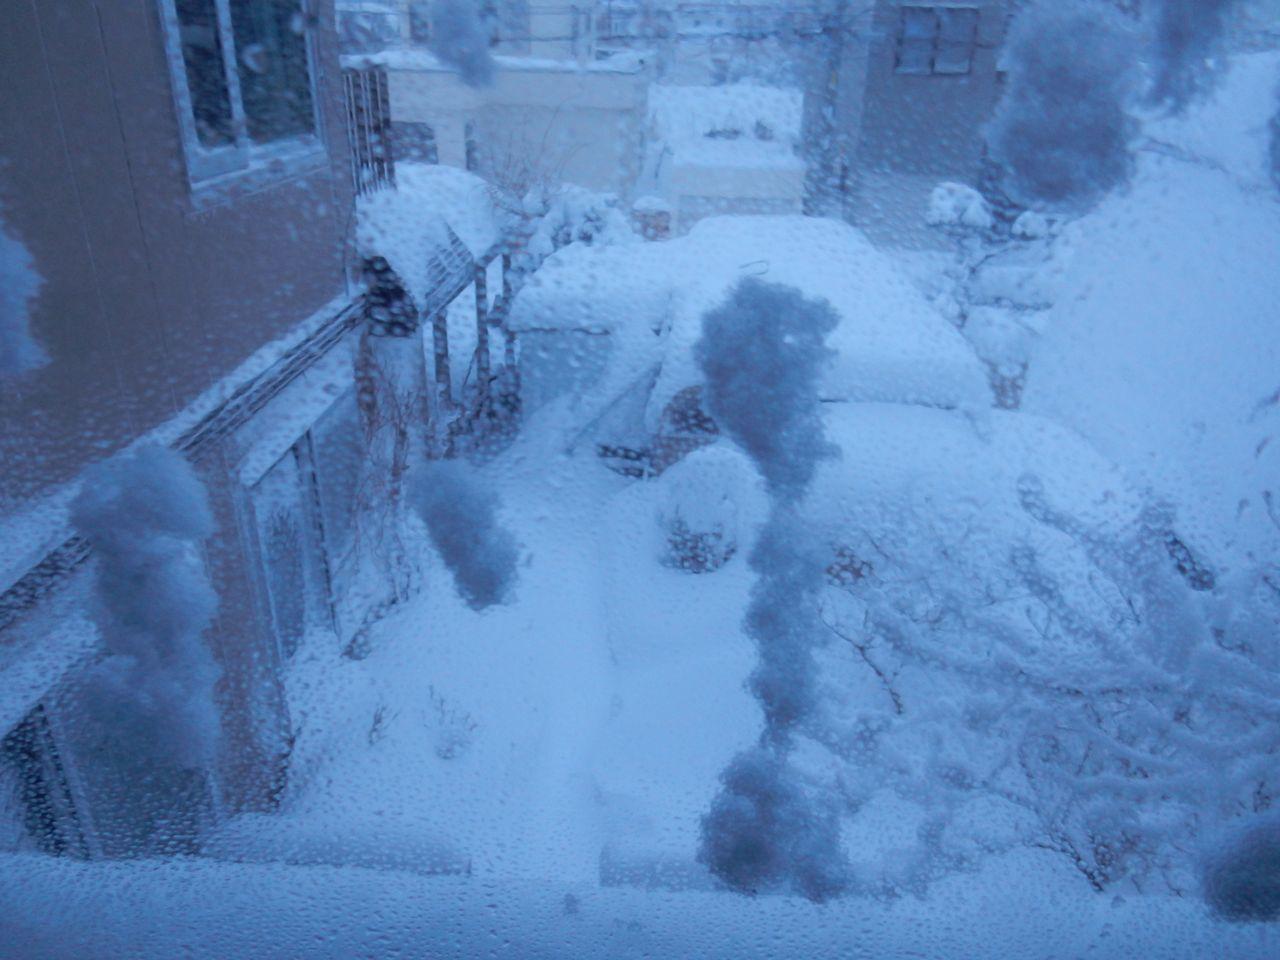 雪に埋まった_c0025115_21360424.jpg